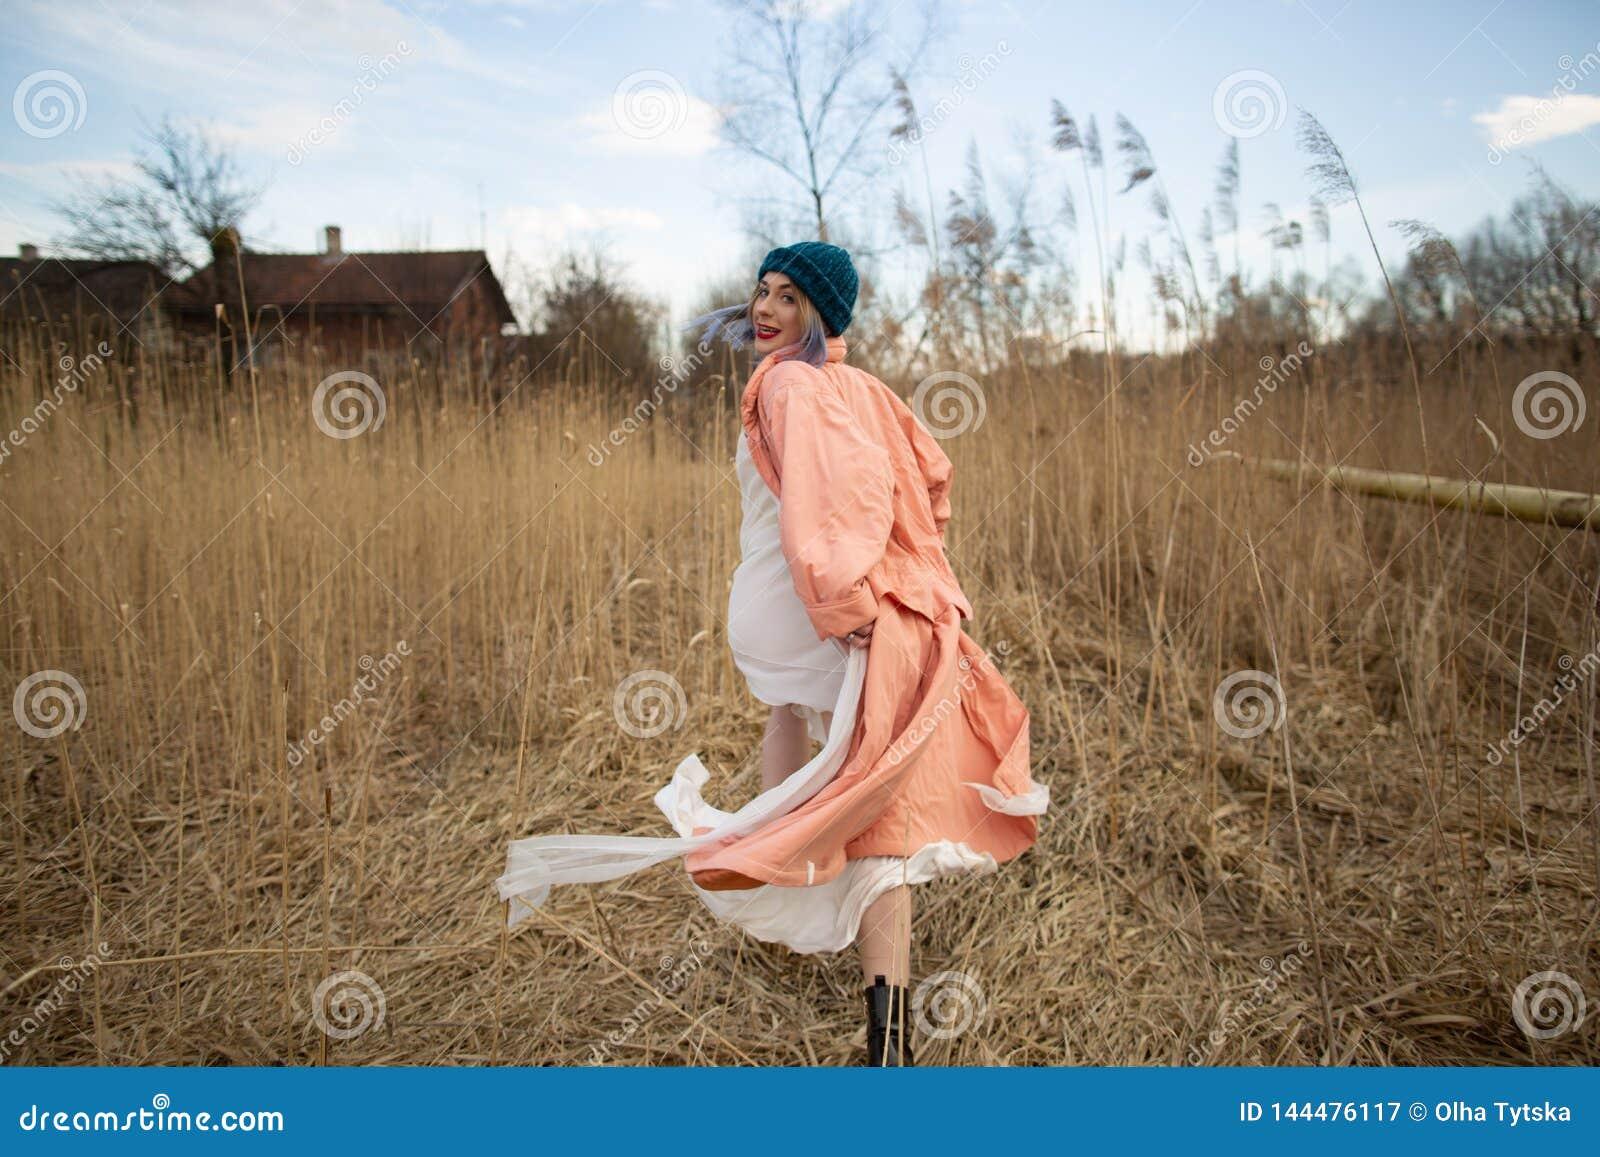 Una ragazza che porta un cappotto pastello e un cappello alla moda posa in un giacimento di grano Viev posteriore